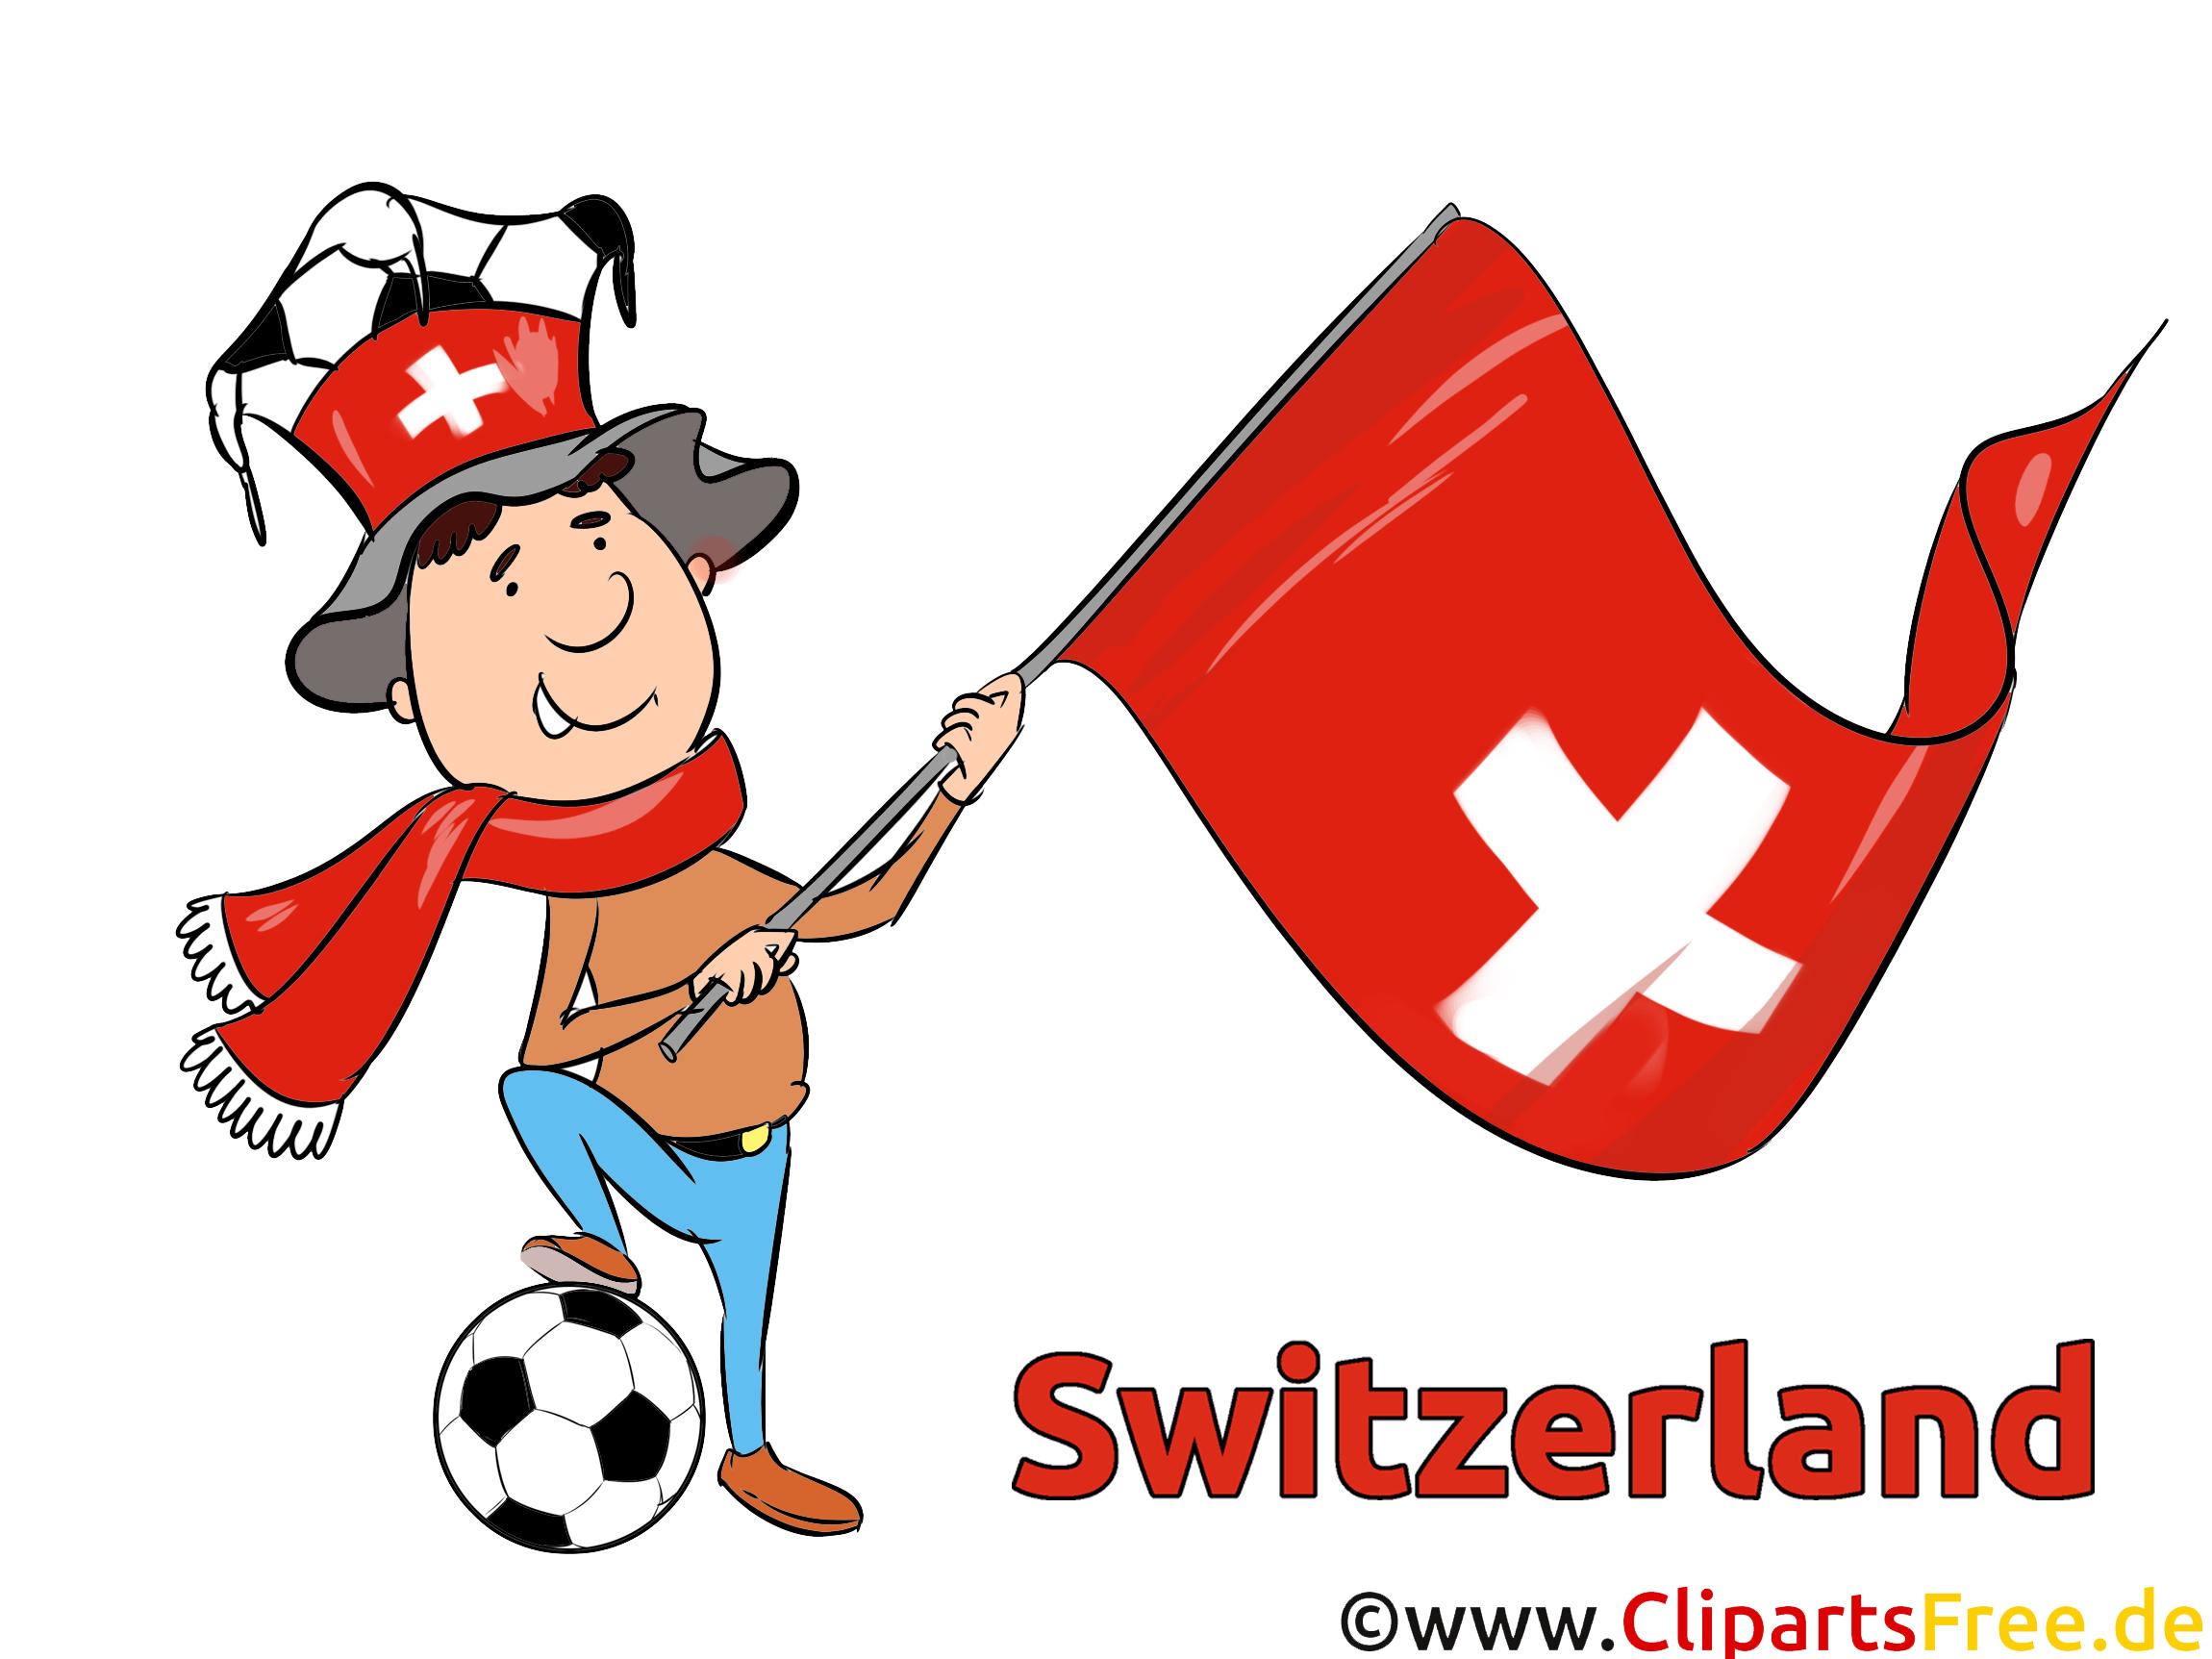 Schweiz clipart #4, Download drawings